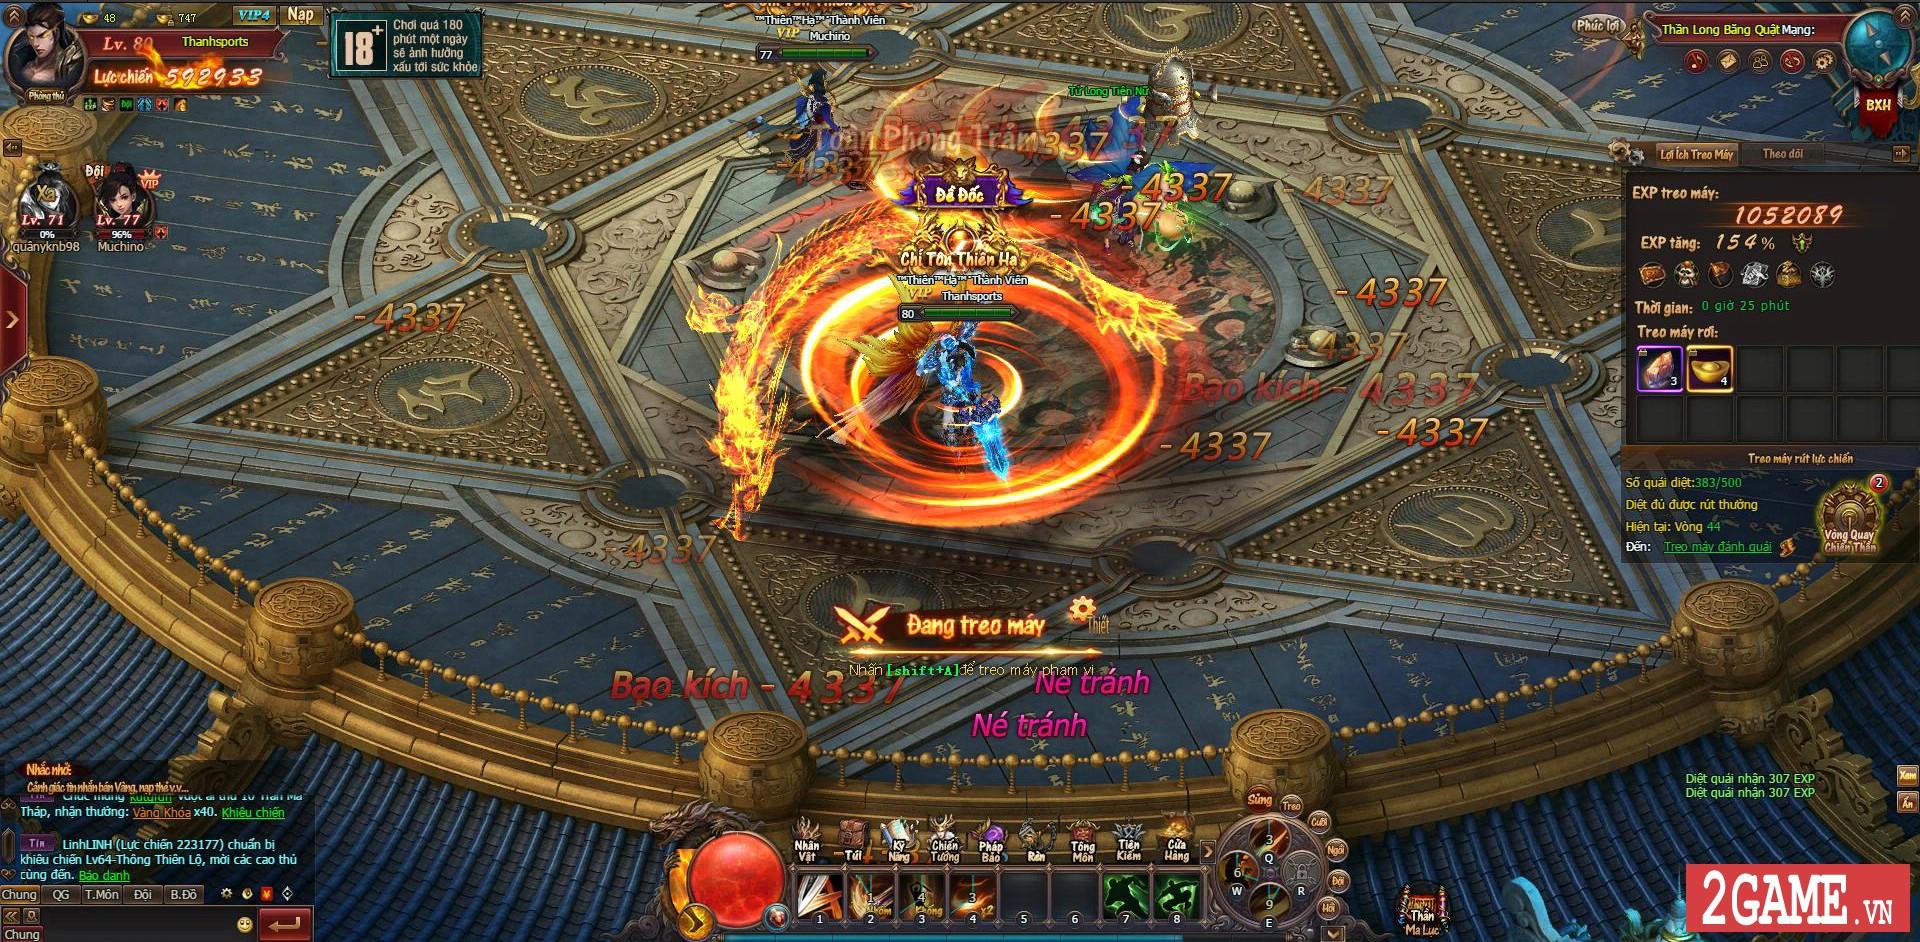 11 game online đã đến tay game thủ Việt trong tháng 9 3